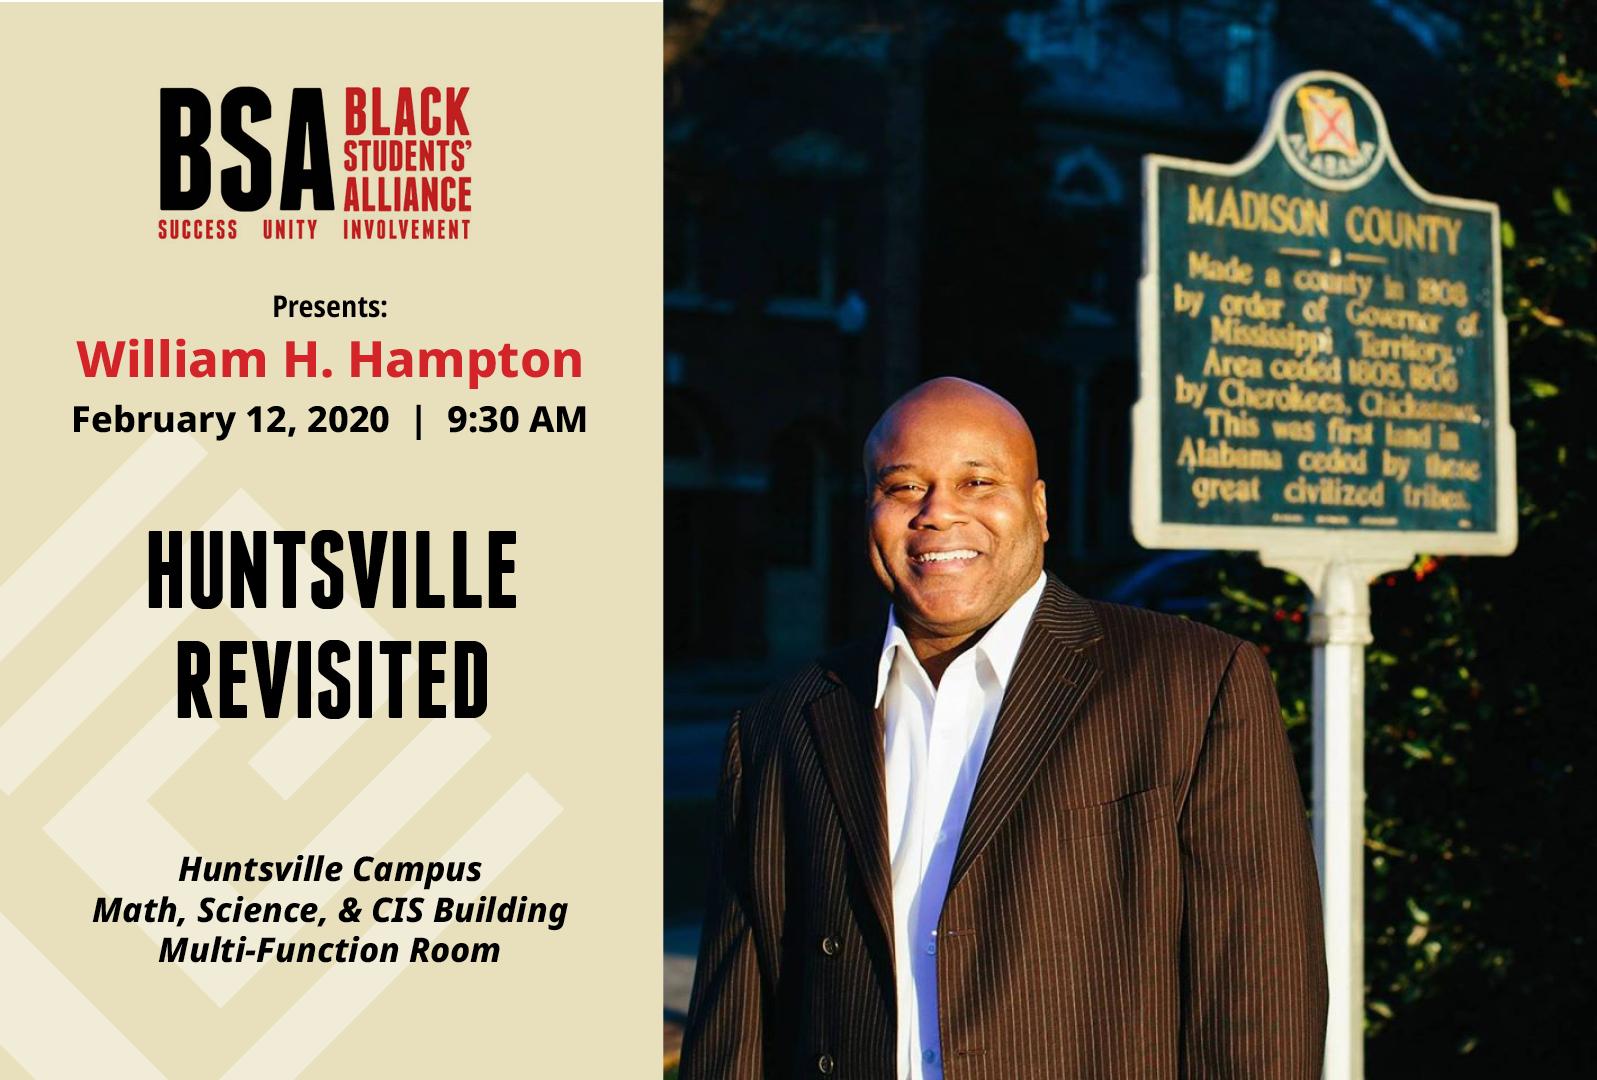 Huntsville revisted event flyer